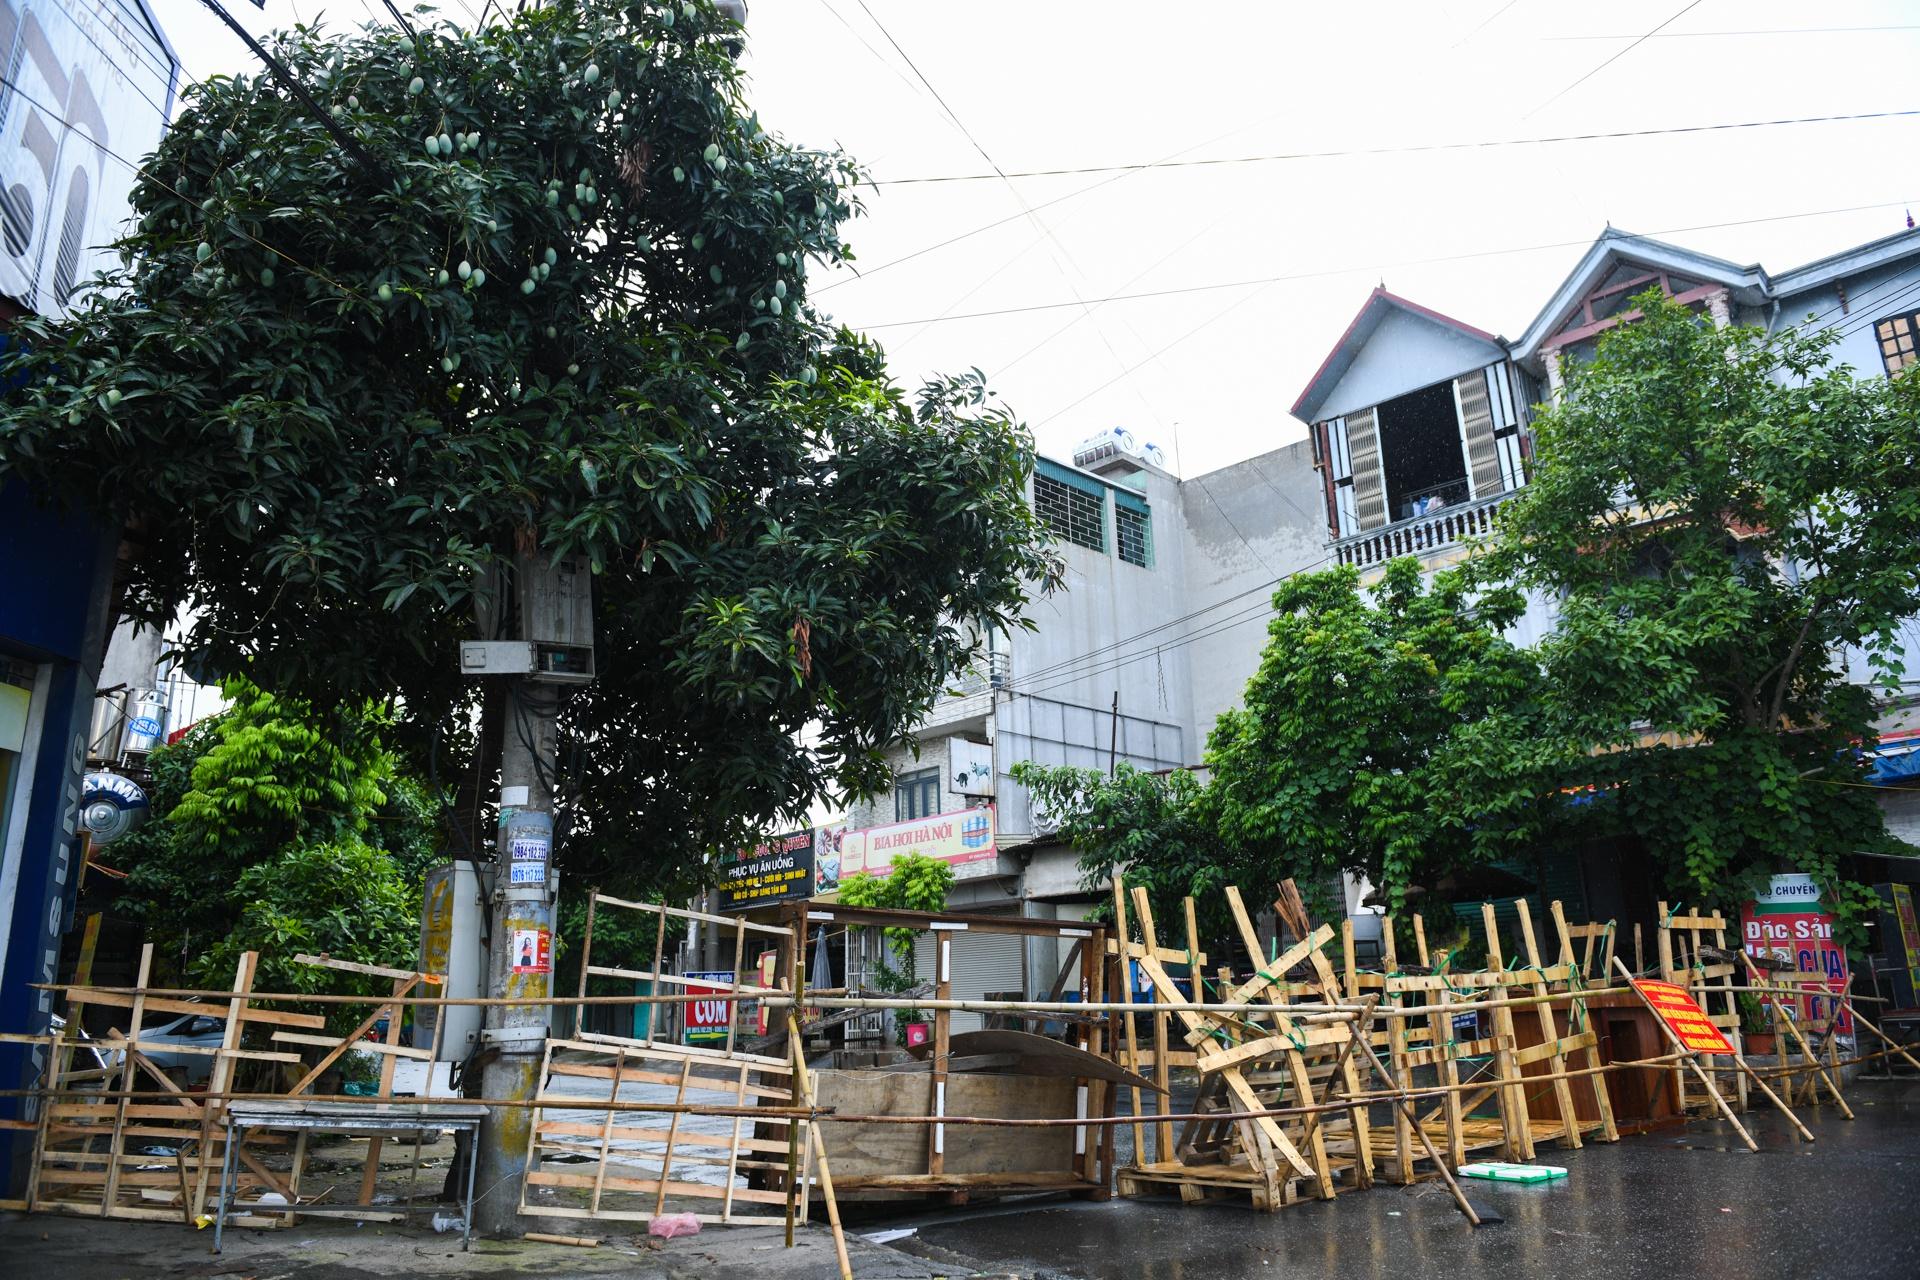 ẢNH-CLIP: Xếp gạch, đổ đất làm chốt chặn ở TP.Bắc Ninh - Ảnh 1.